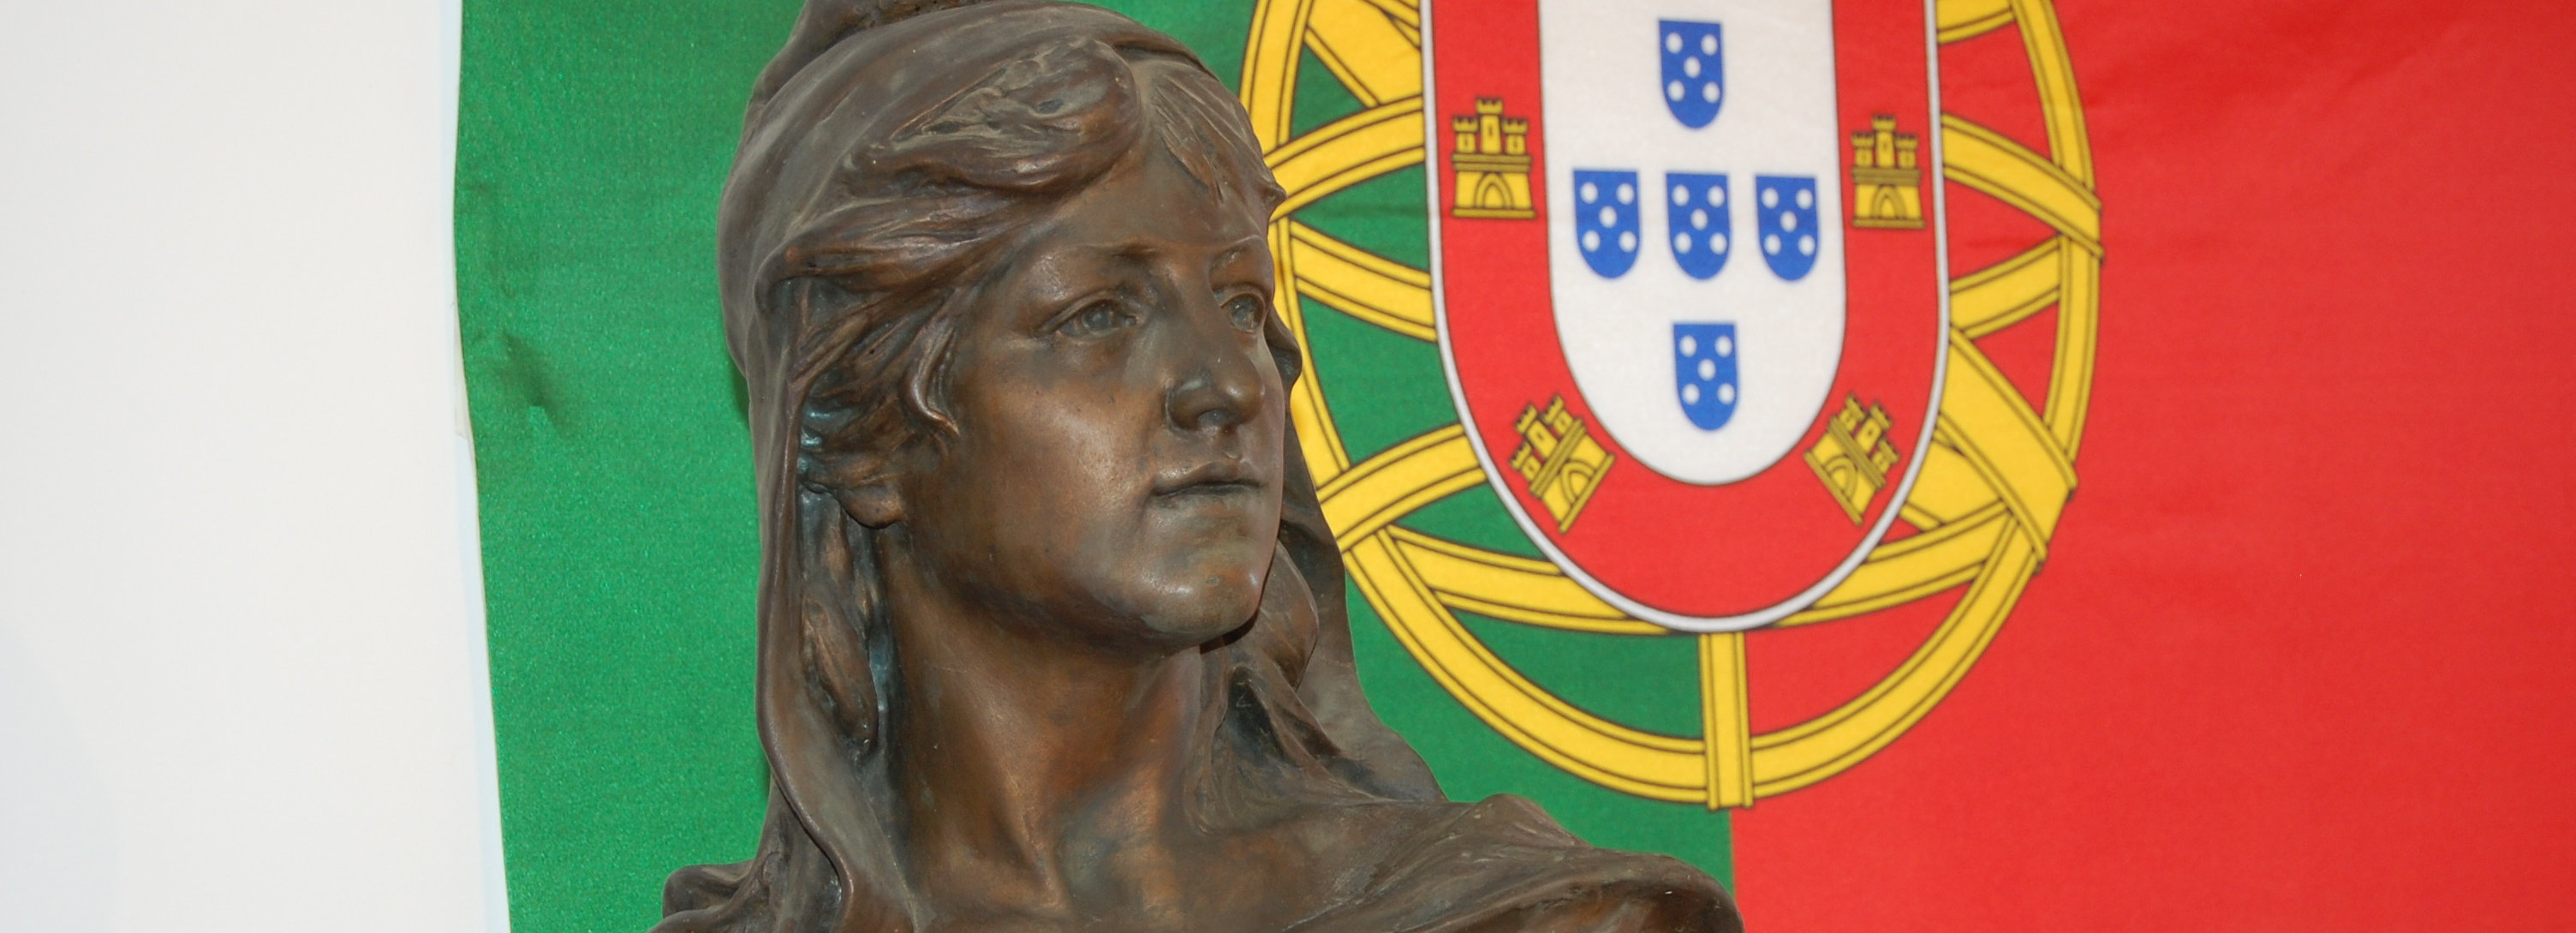 Câmara expõe obras de artesão de Barcelos  na Assembleia da República